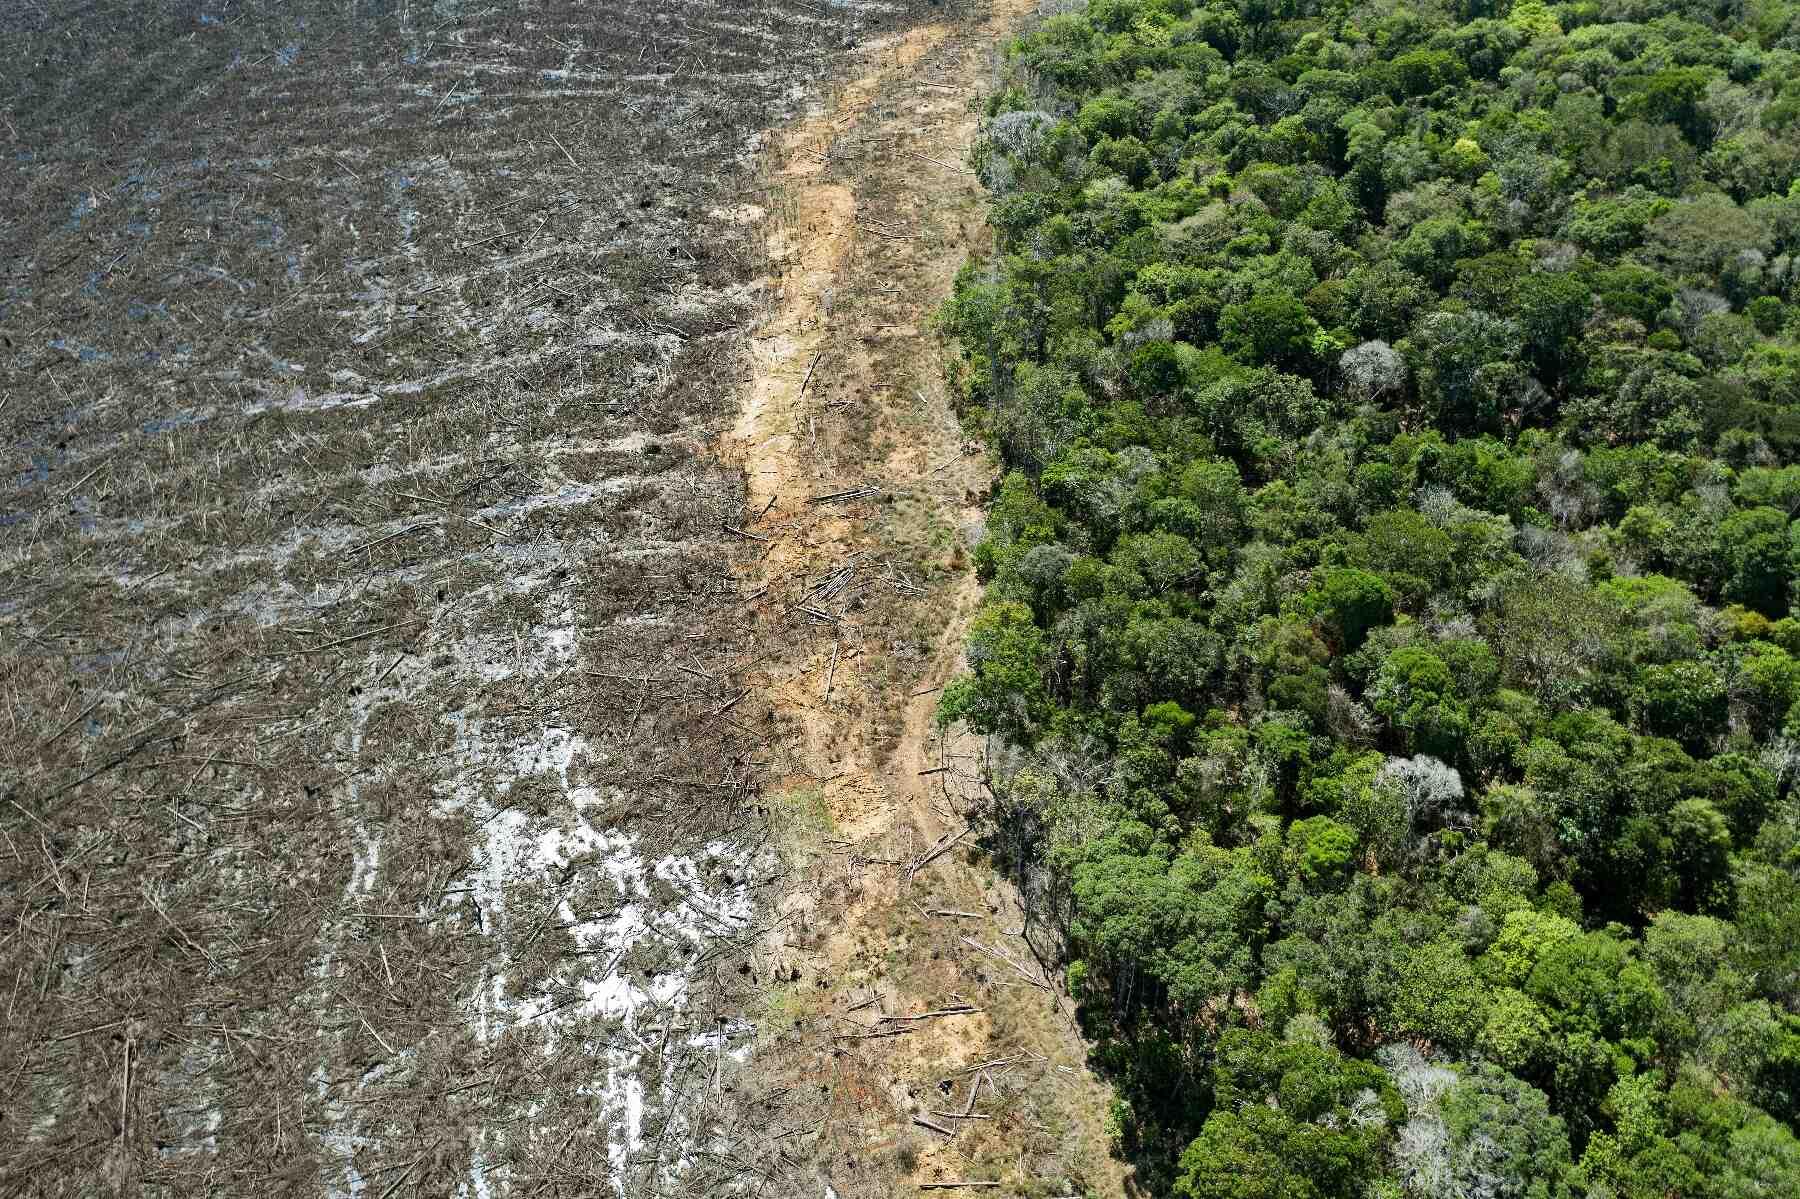 Quels sont les impacts environnementaux dus à la quantité de forêt ?